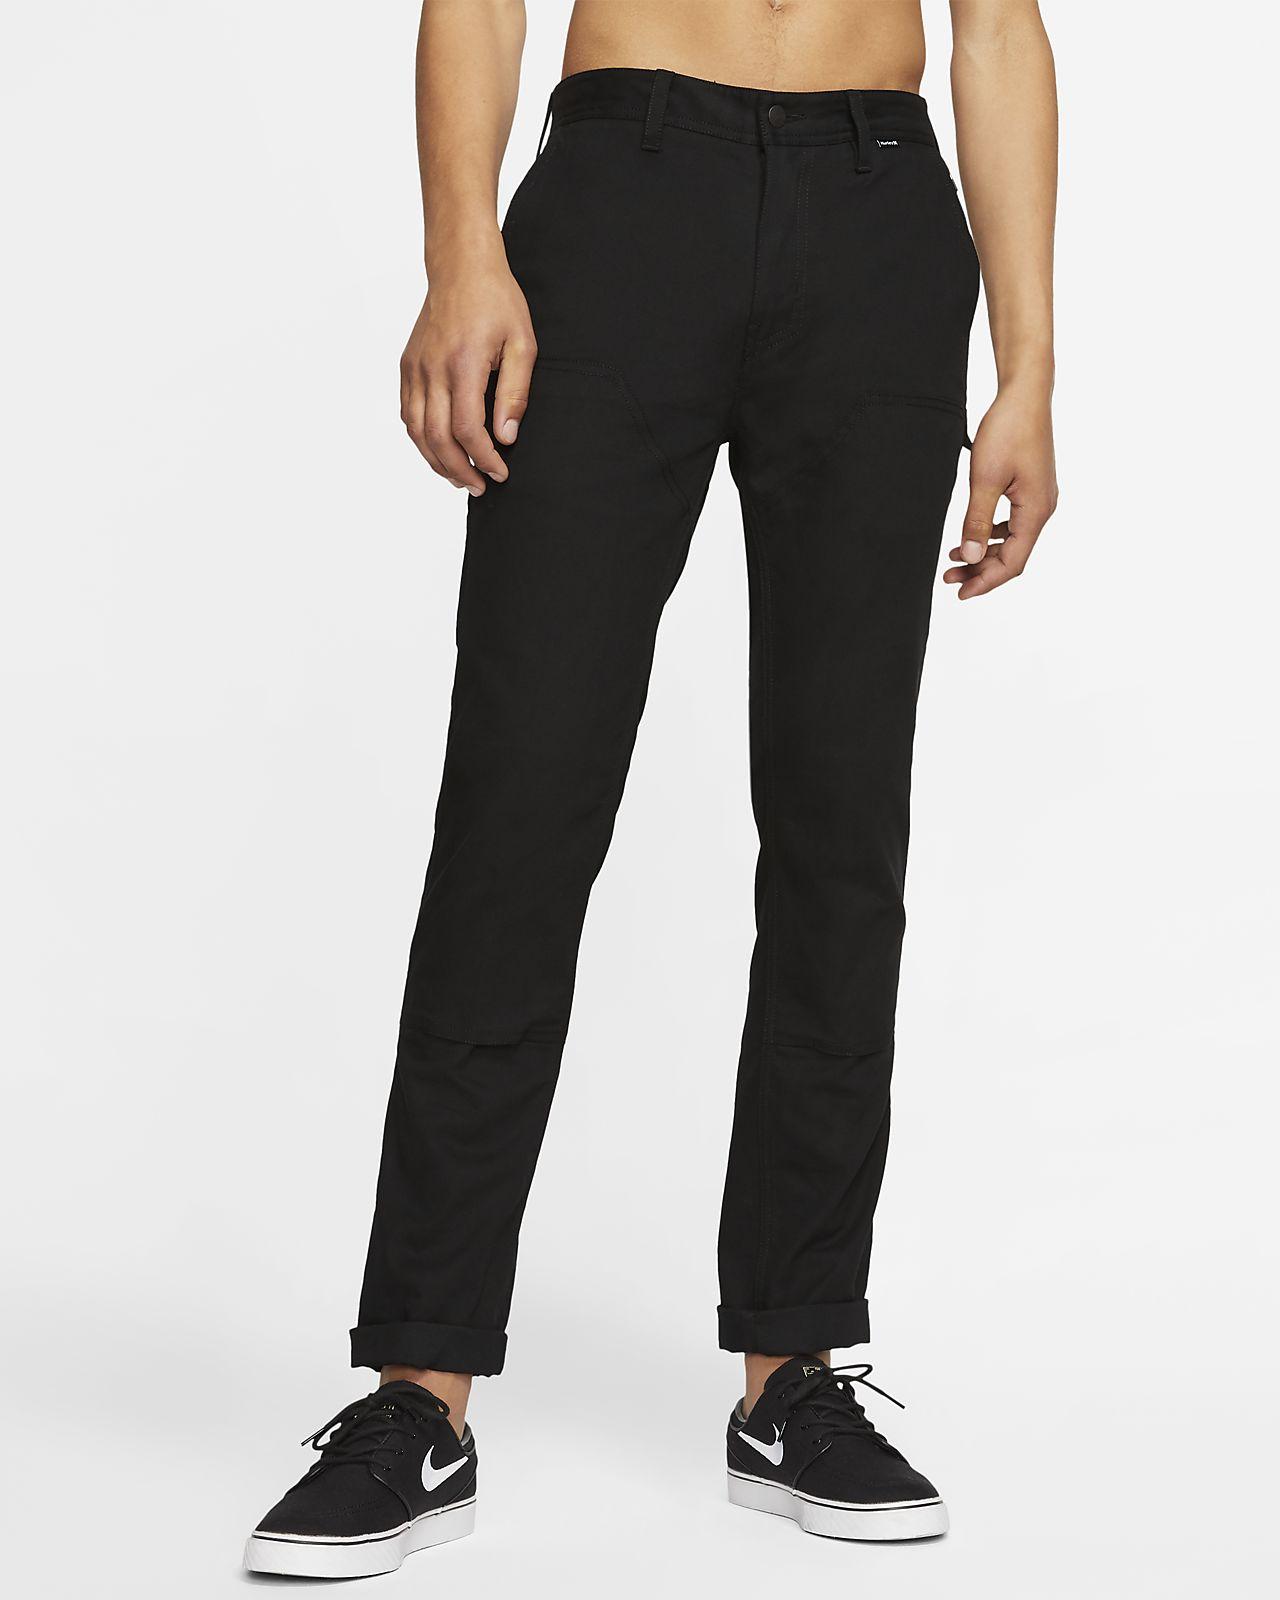 Hurley x Carhartt Double Front Pantalón - Hombre